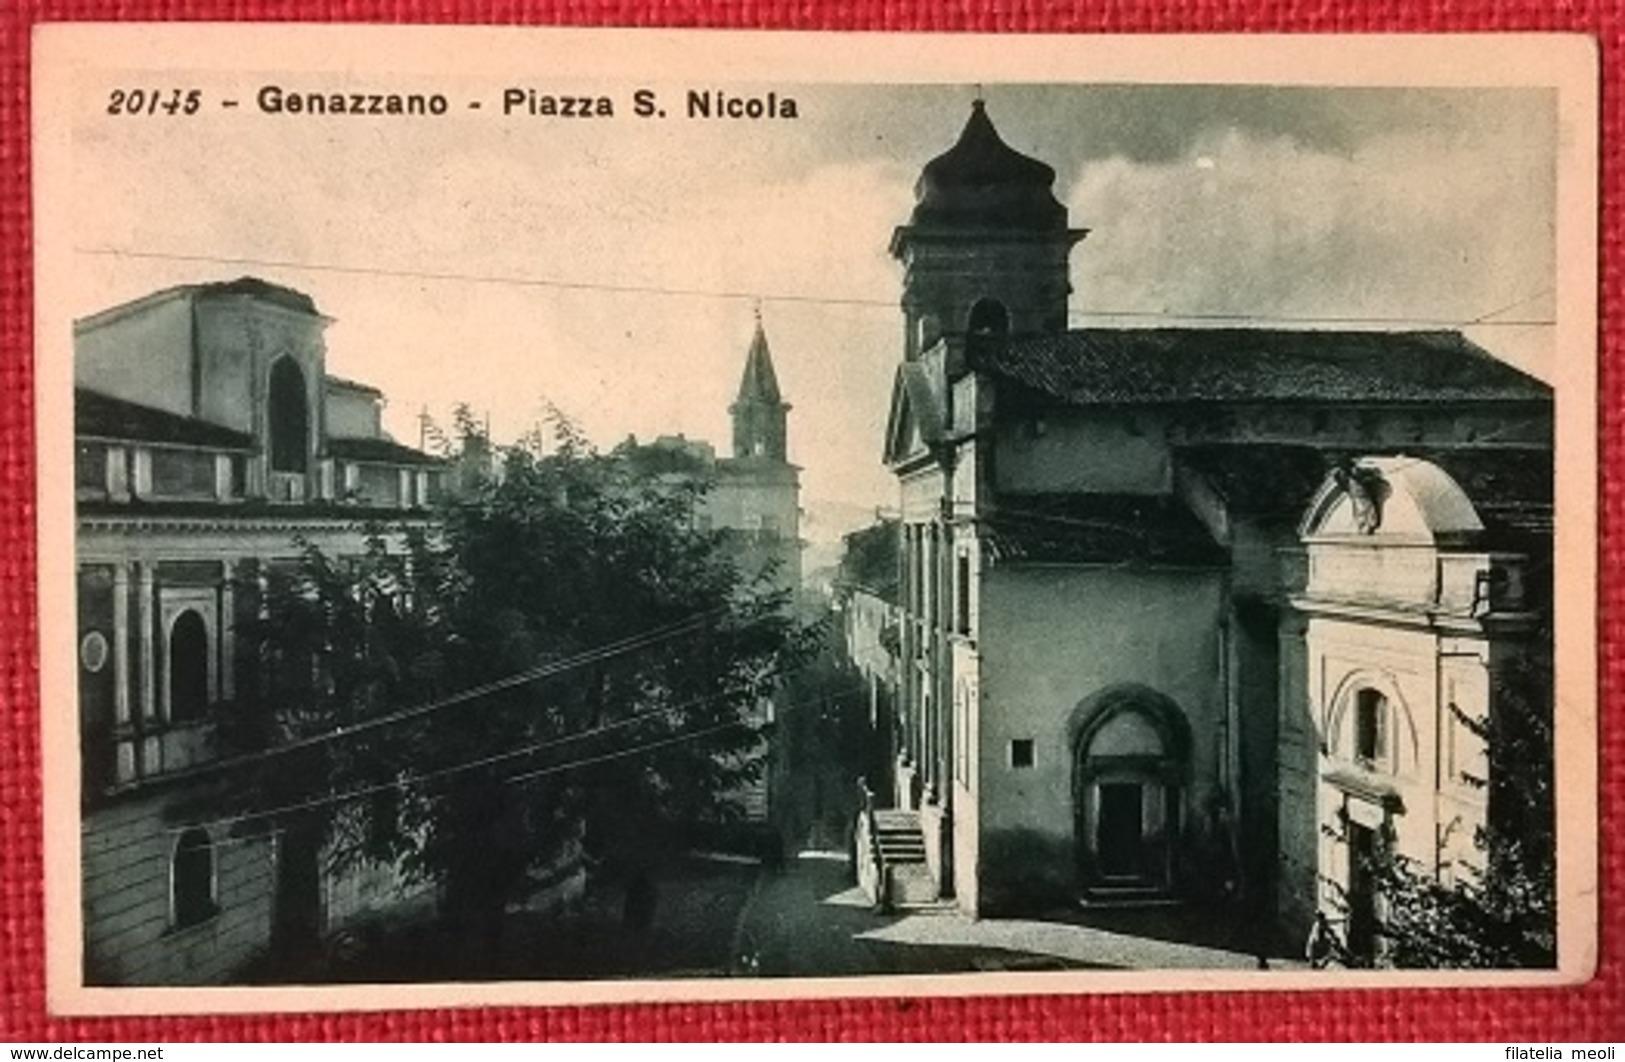 GENNAZZANO - Italia